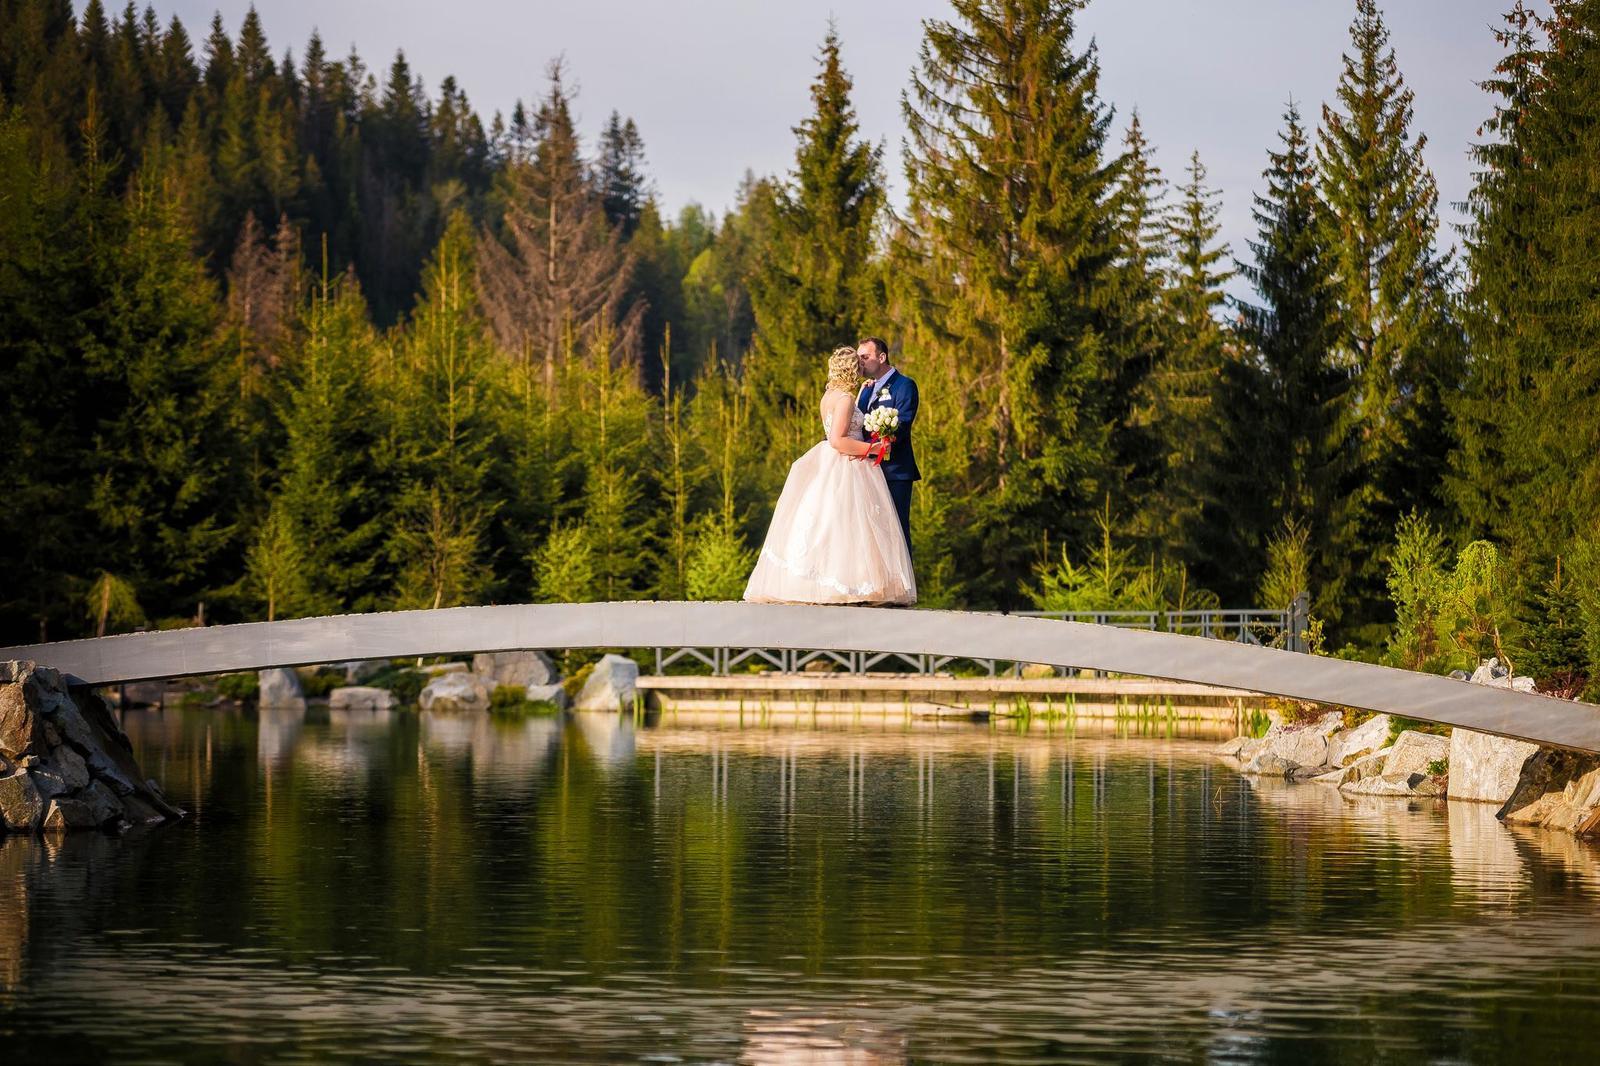 Naša svadba 28.04.2018 - Obrázok č. 1